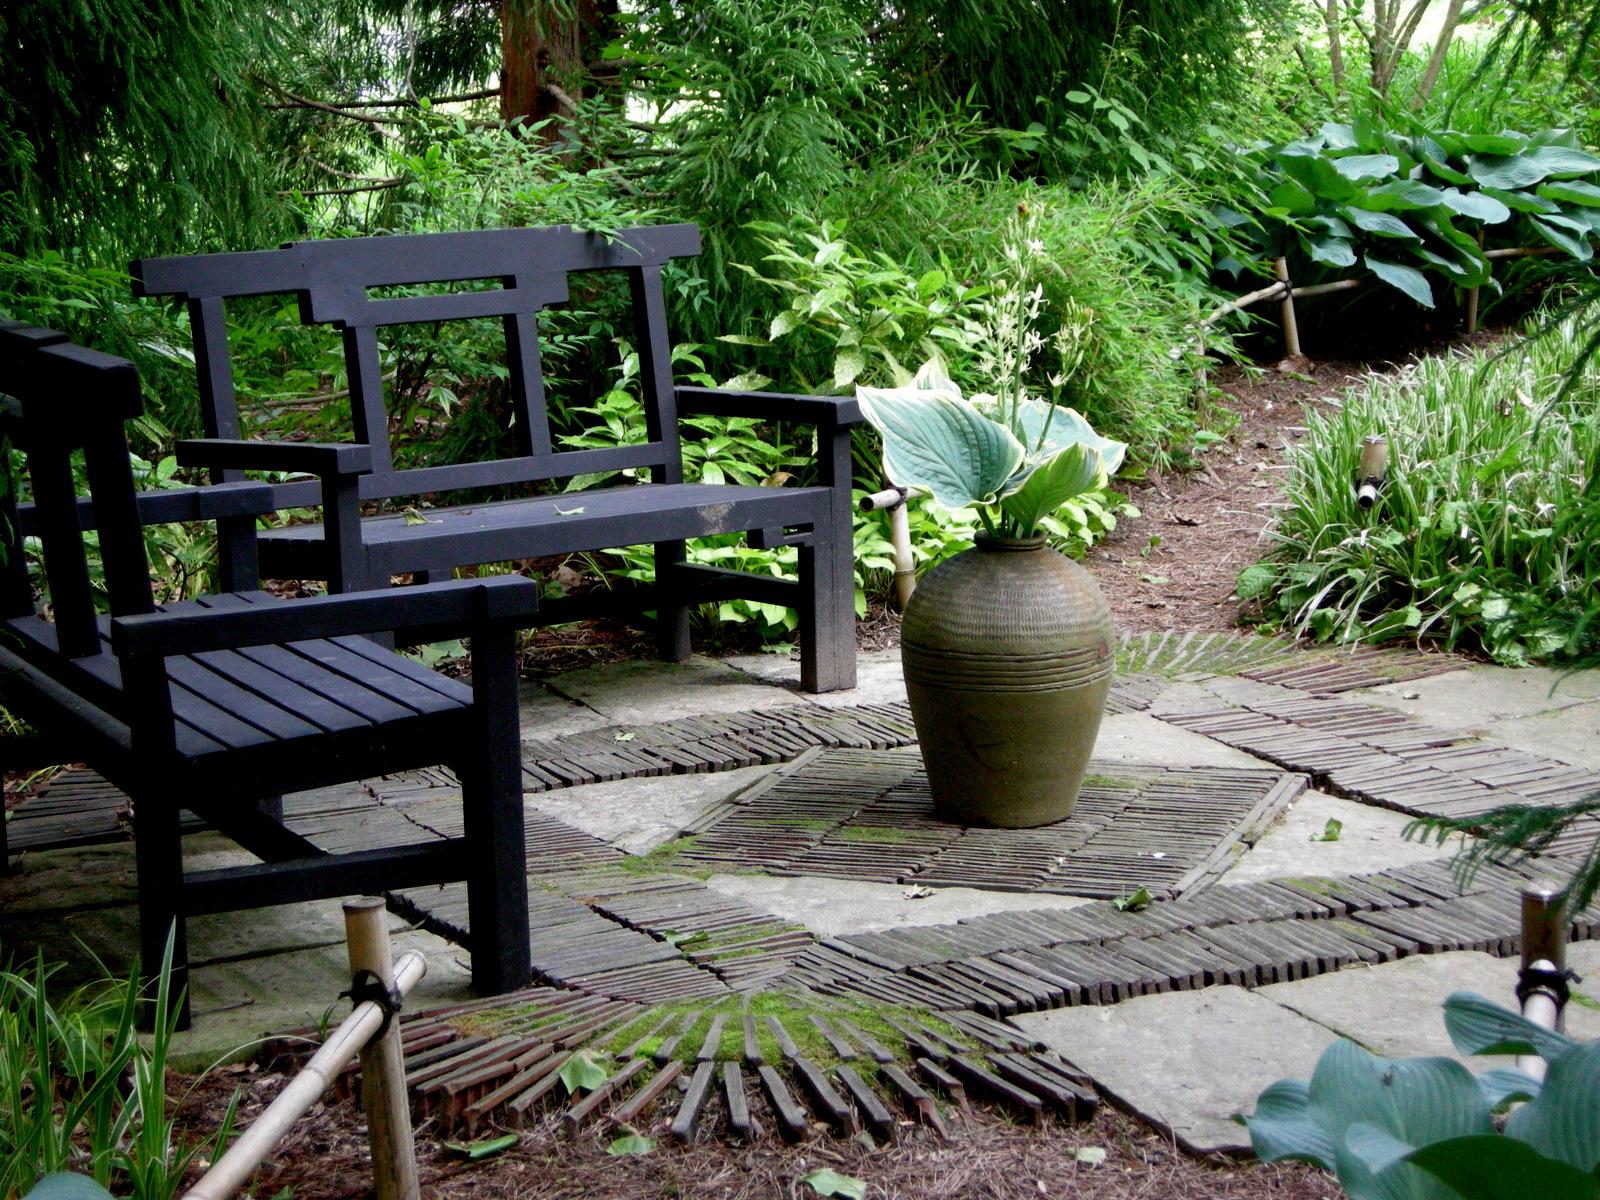 Chanticleer part 2 garden seating carolyn 39 s shade gardens for Garden designs seating areas